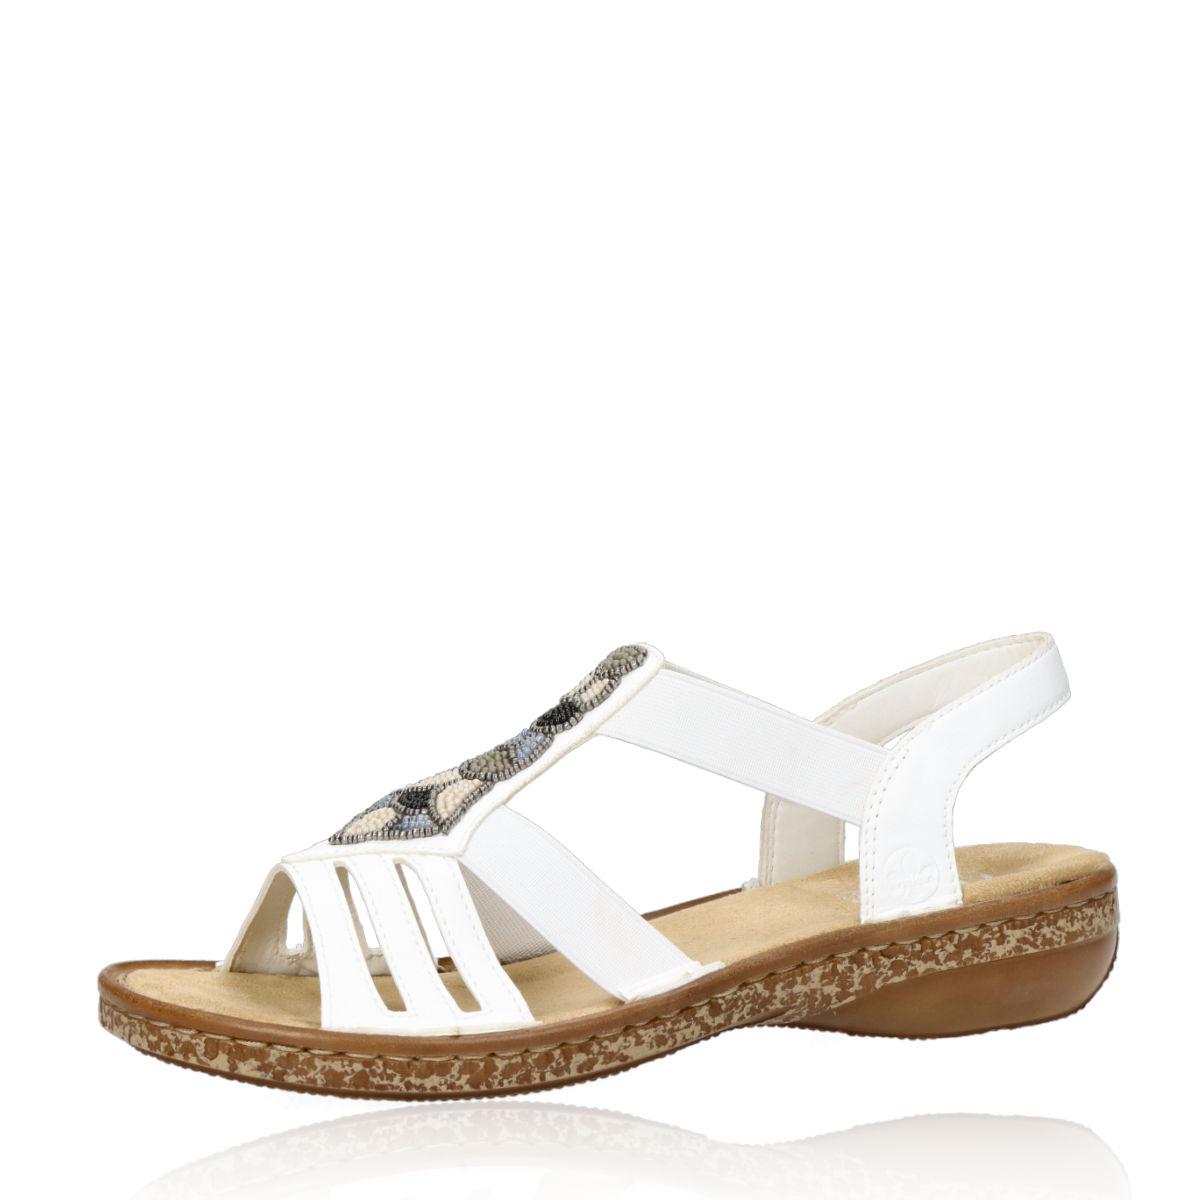 2d755217bb62 Rieker dámske elegantné sandále - biele Rieker dámske elegantné sandále -  biele ...